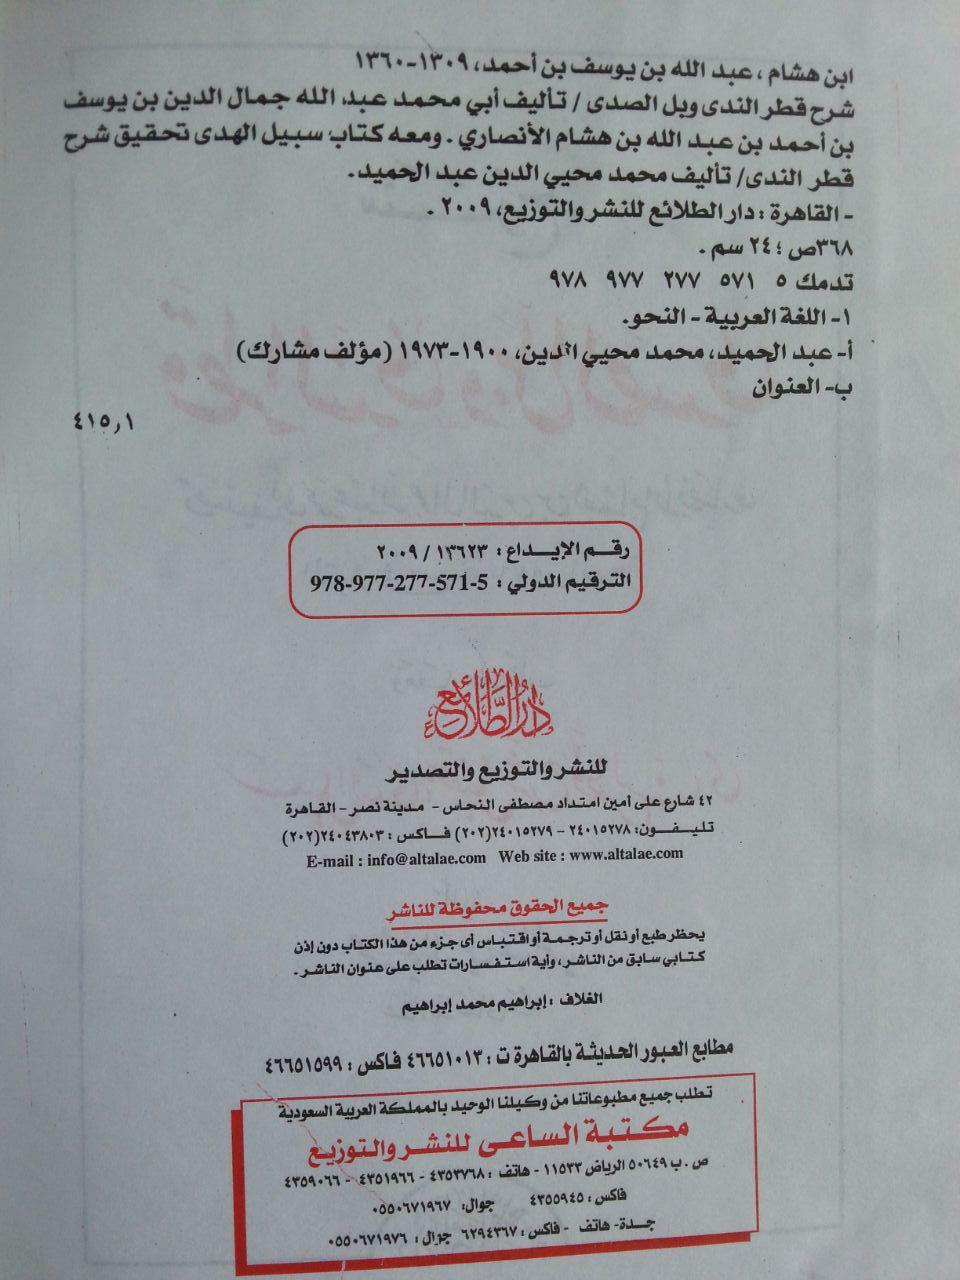 Kitab Syarah Qathrin Nada Wa Ballish Shada isi